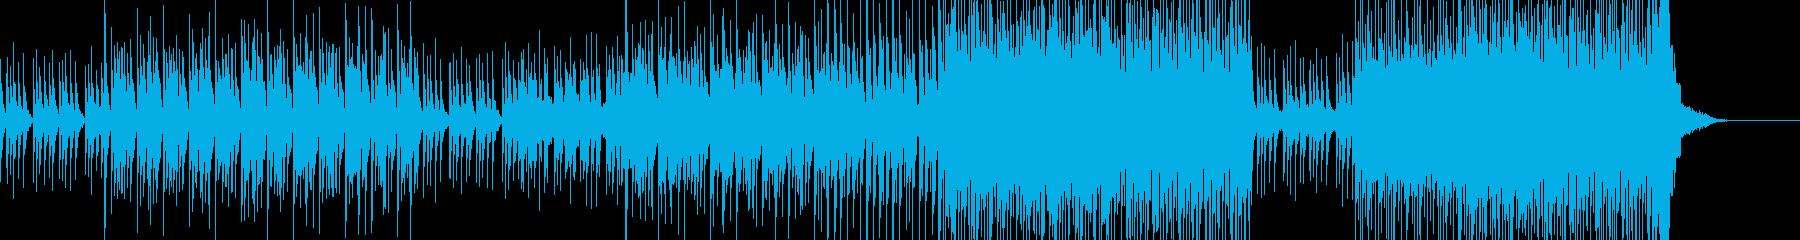 ややシリアスな緊張感ただようシーンBGMの再生済みの波形